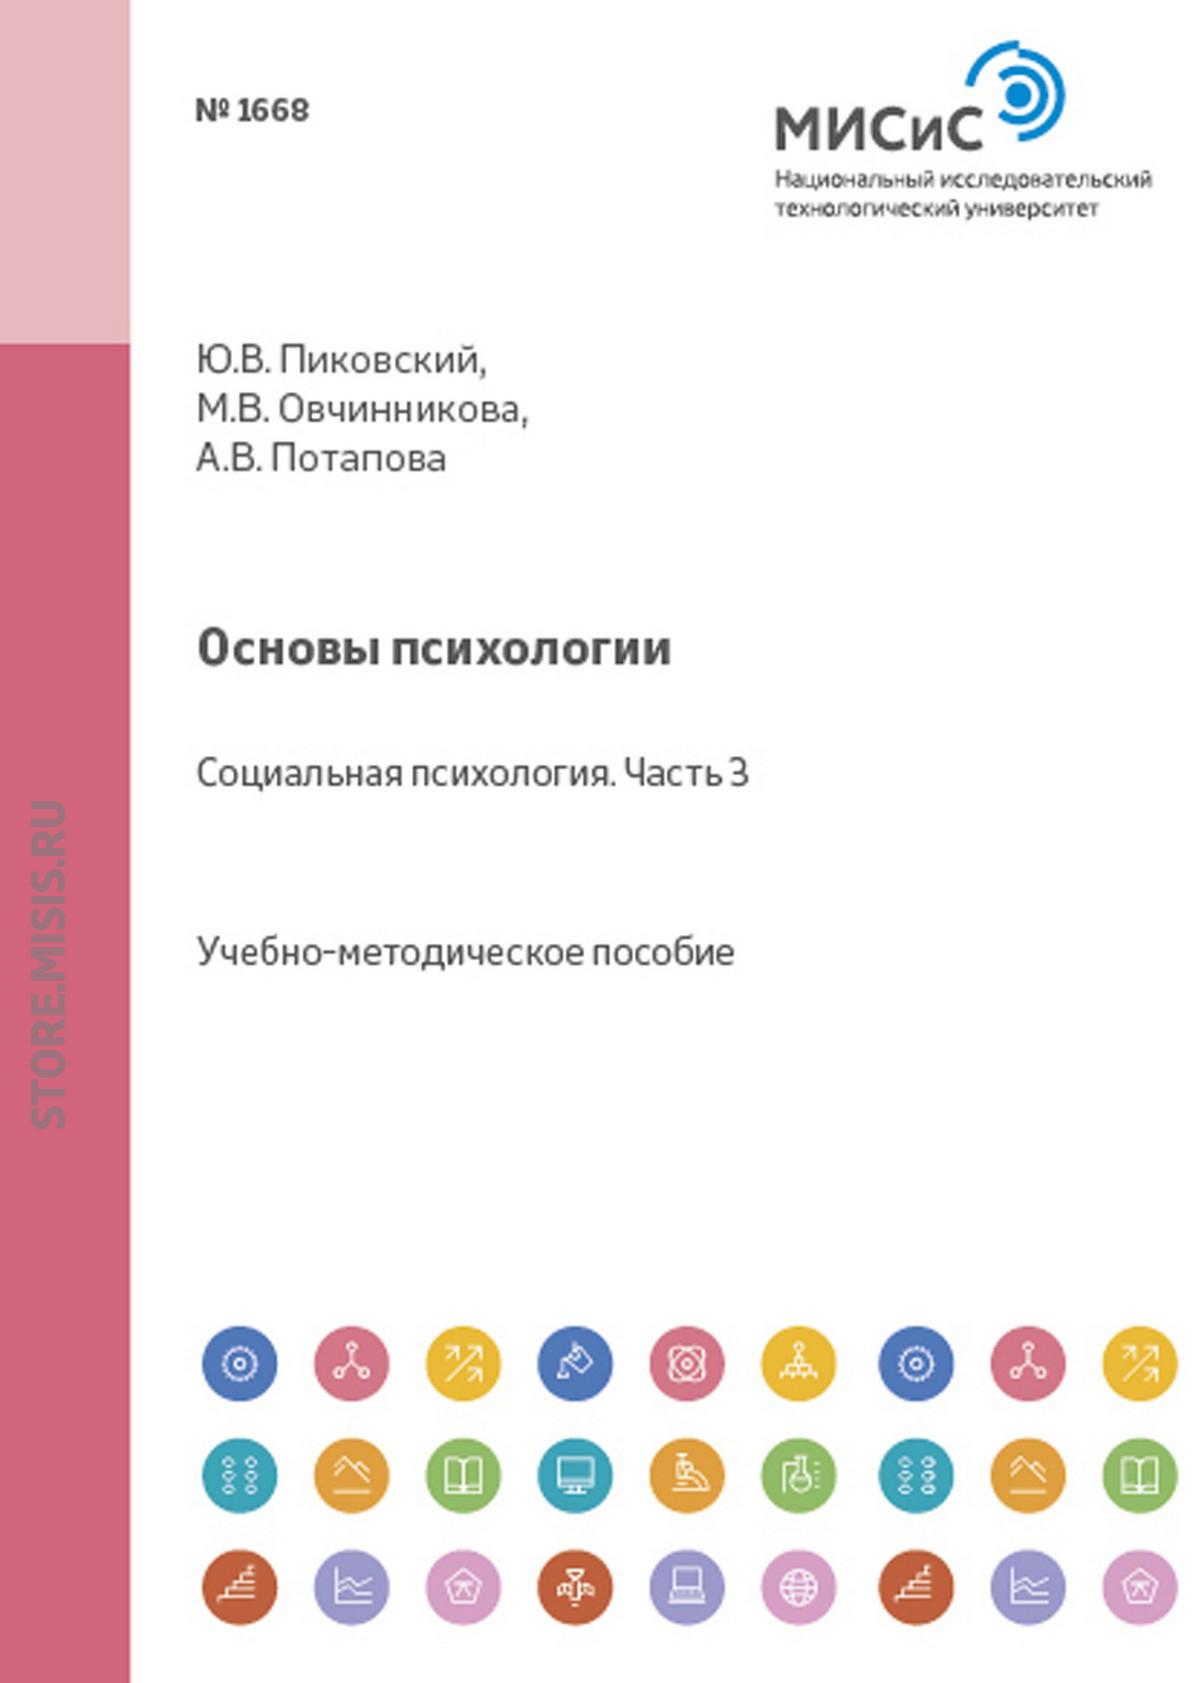 А. В. Потапова Основы психологии. Социальная психология. Часть III цена